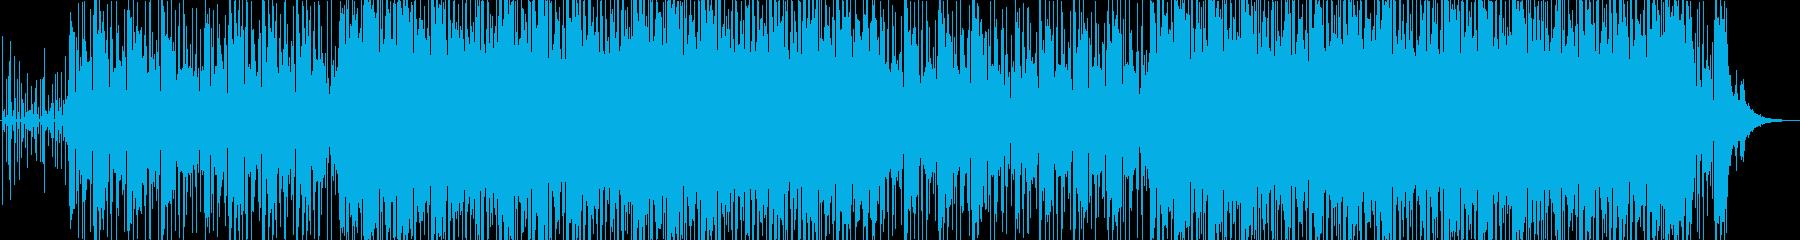 明るい/陽気/コミカルで楽しいBGMの再生済みの波形